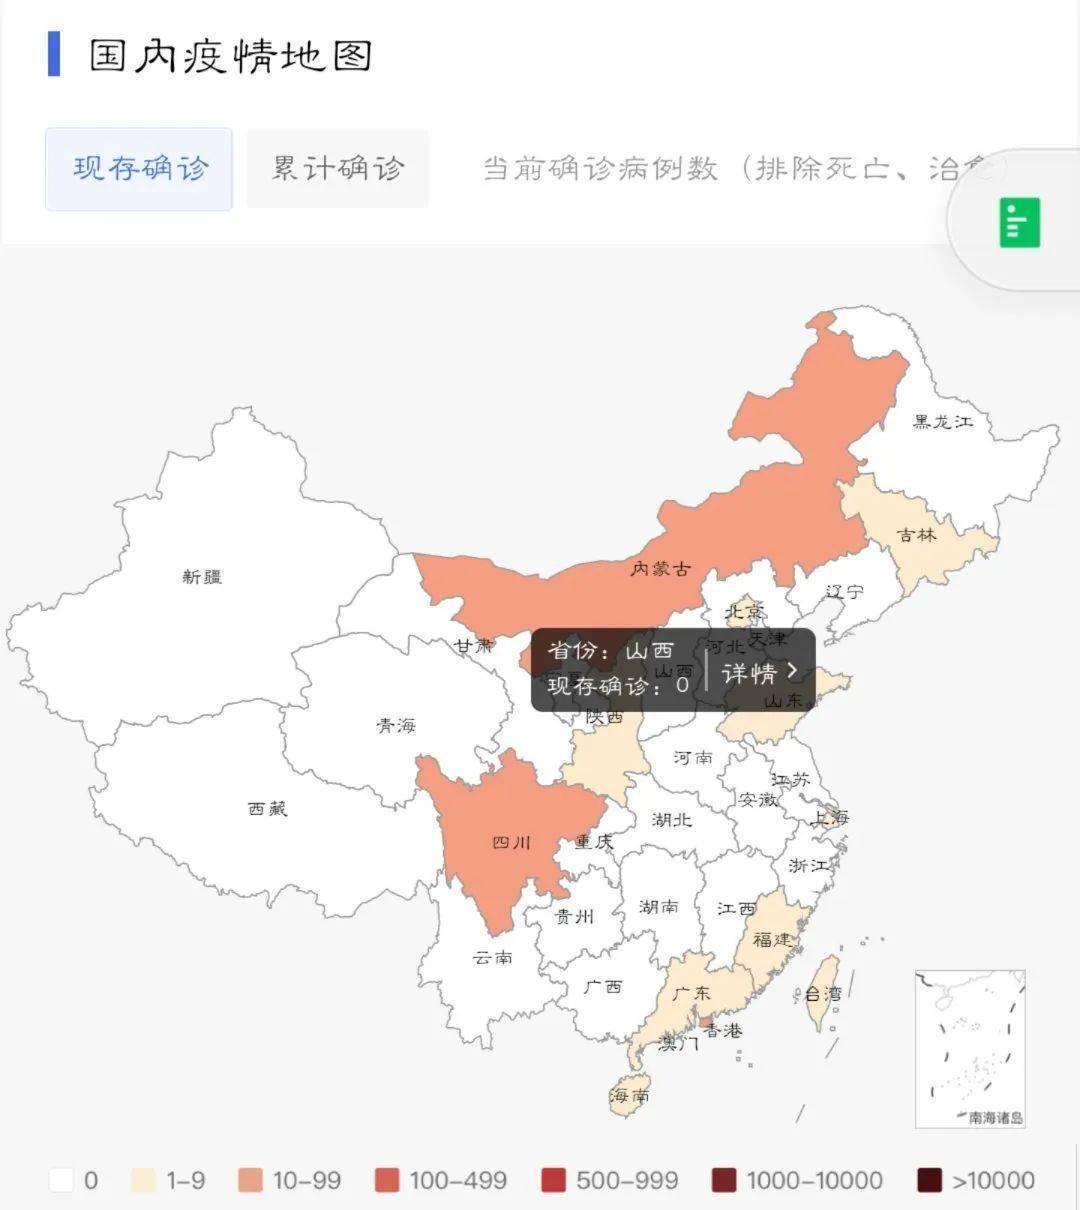 【疫情播报】6月6日新型冠状病毒感染肺炎疫情动态图片